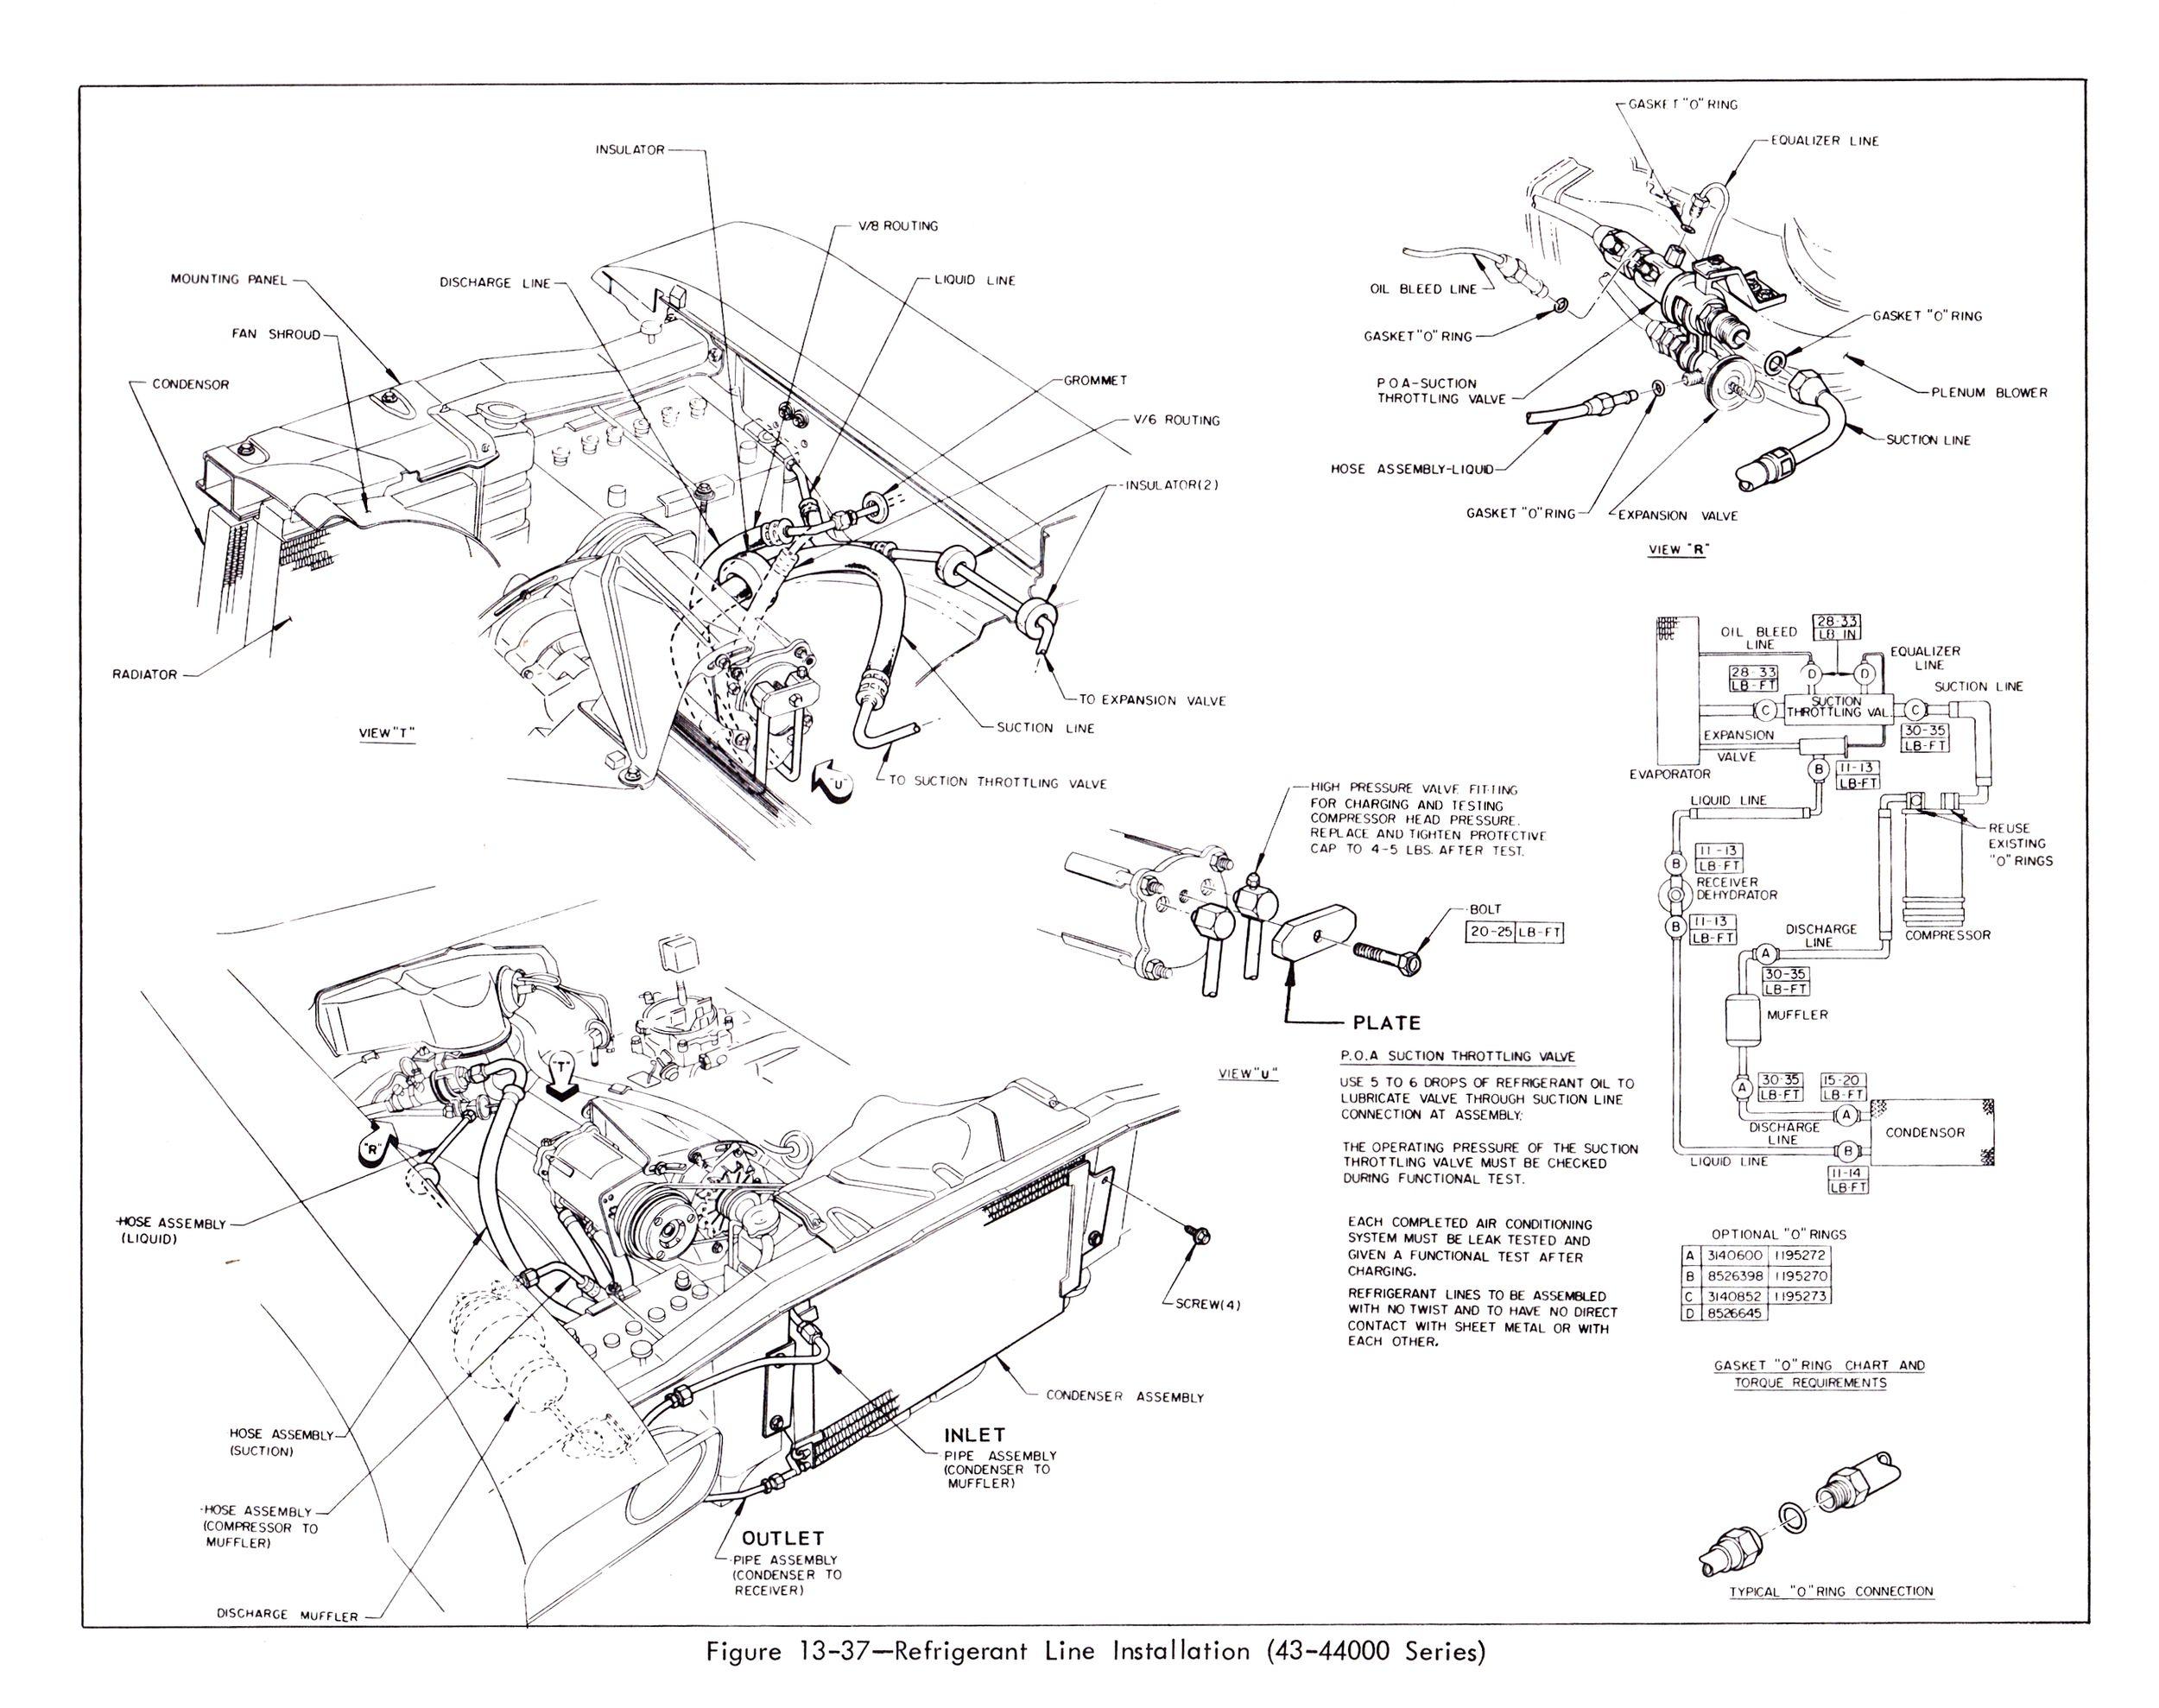 oldsmobile oldsmobile wiring diagram for 79 kz 5980  diagram trans am wiring diagram 1980 trans am wiring  diagram trans am wiring diagram 1980